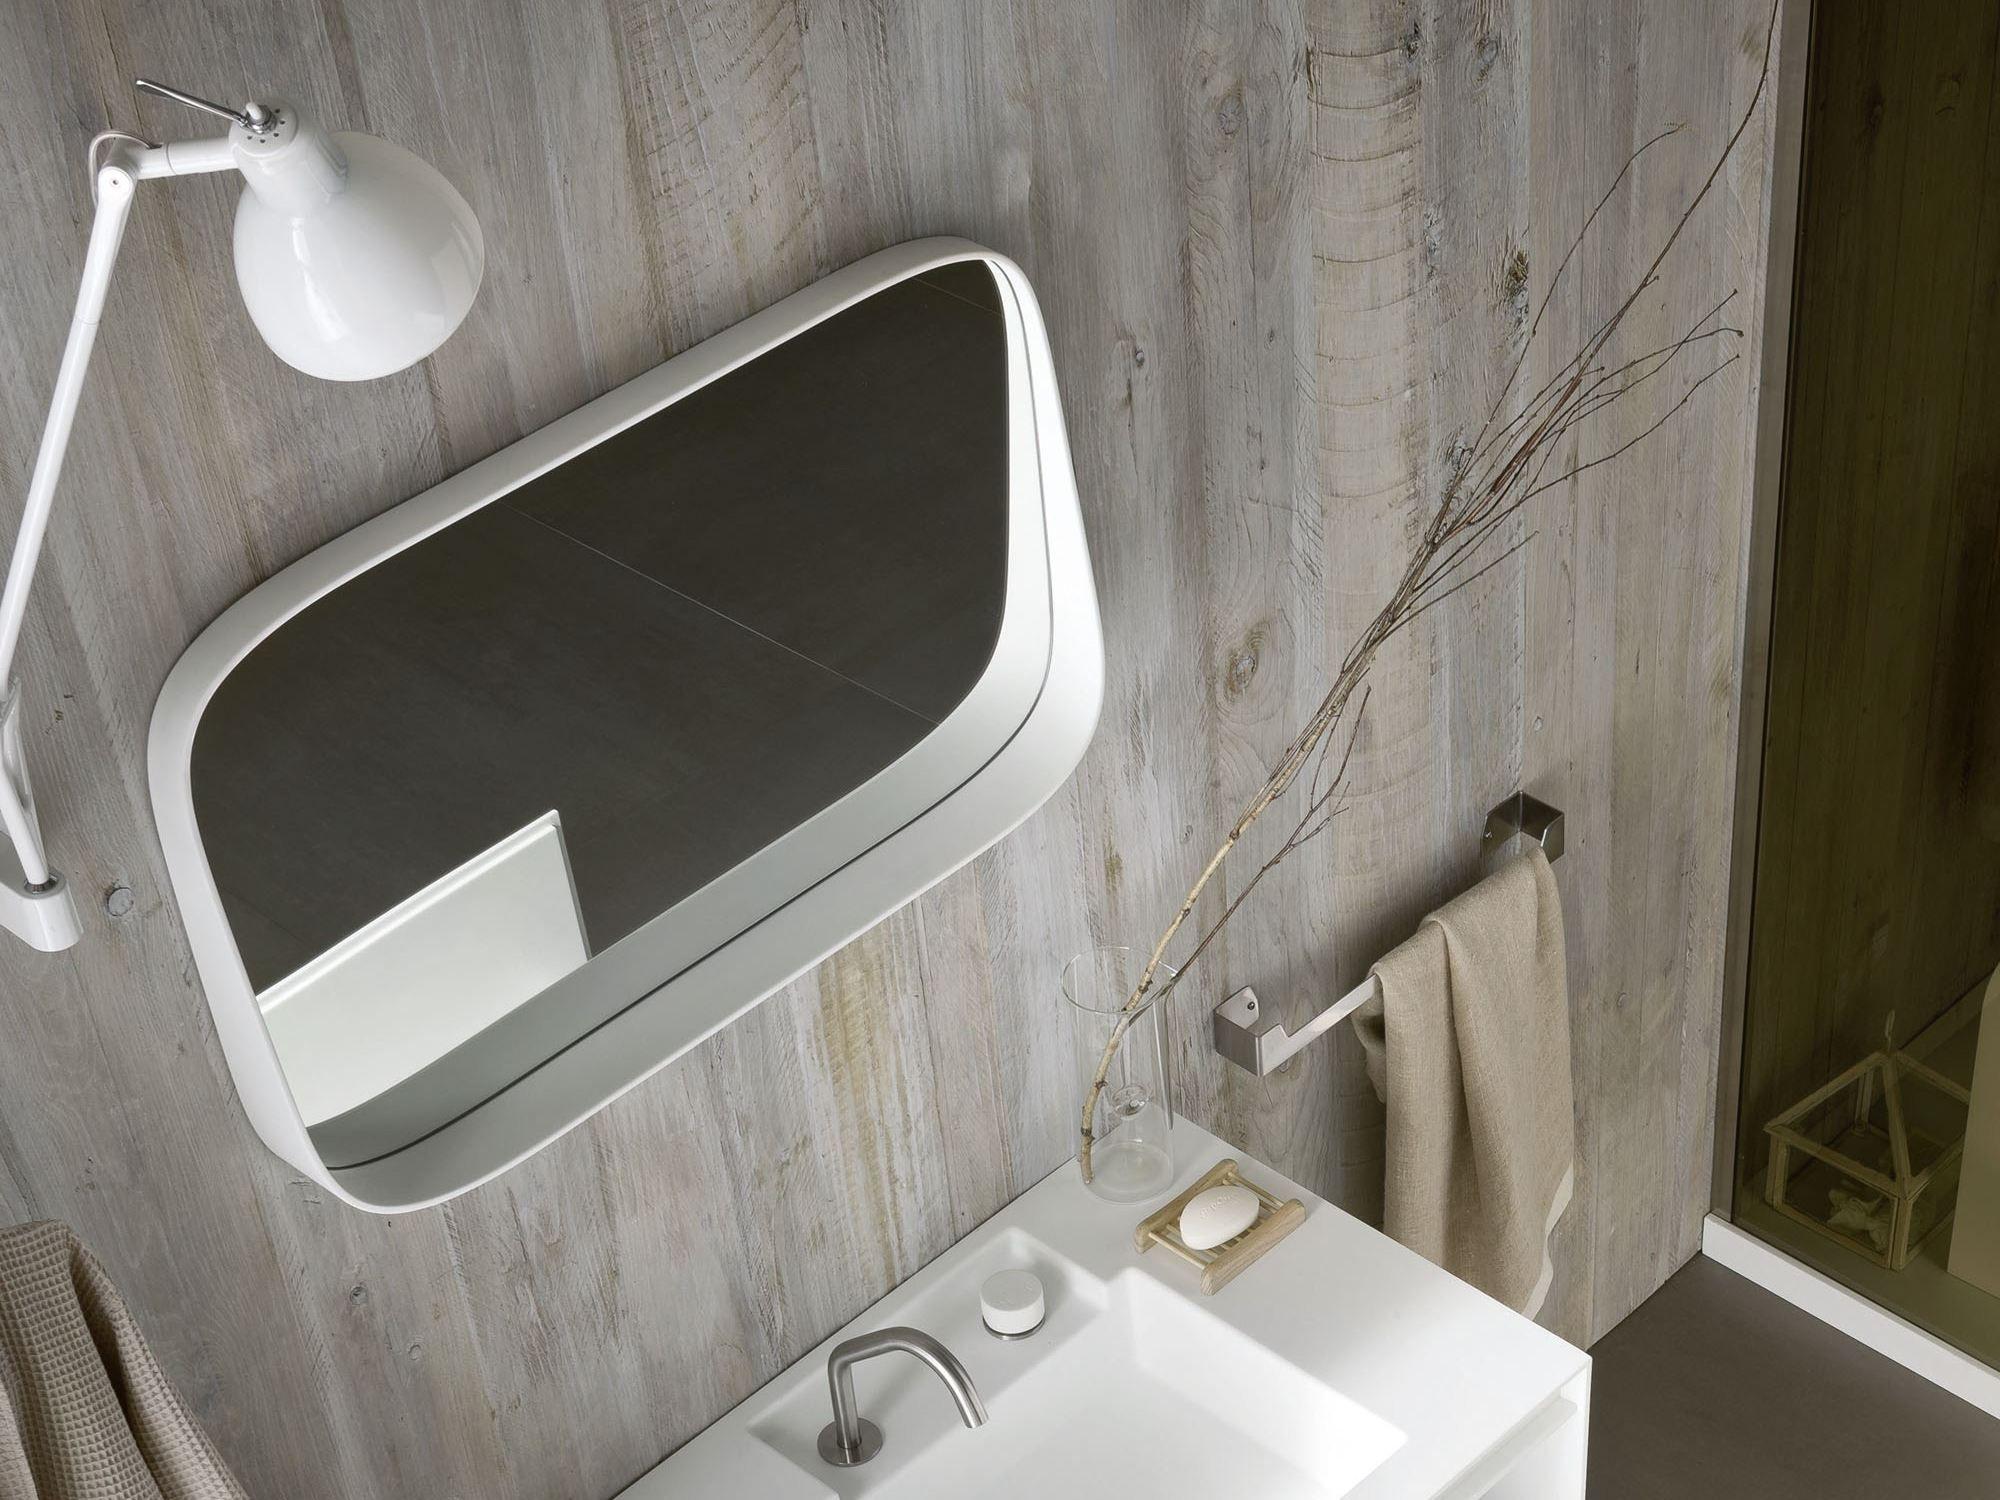 Fonte specchio bagno by rexa design design monica graffeo - Specchio bagno design ...